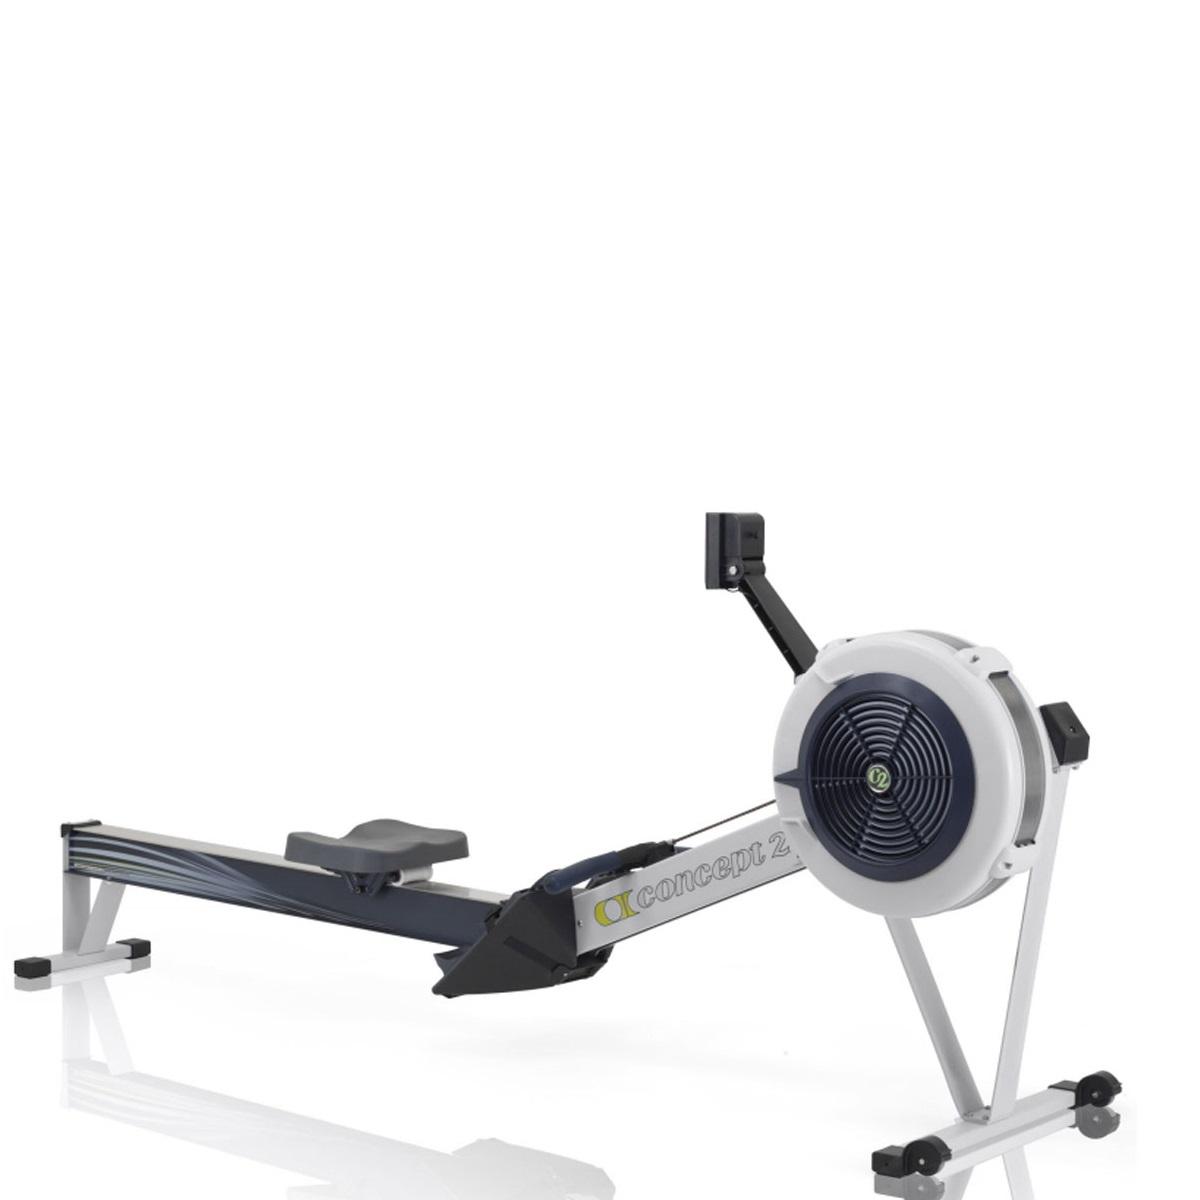 Hire Concept 2 Premium Rowing Machine